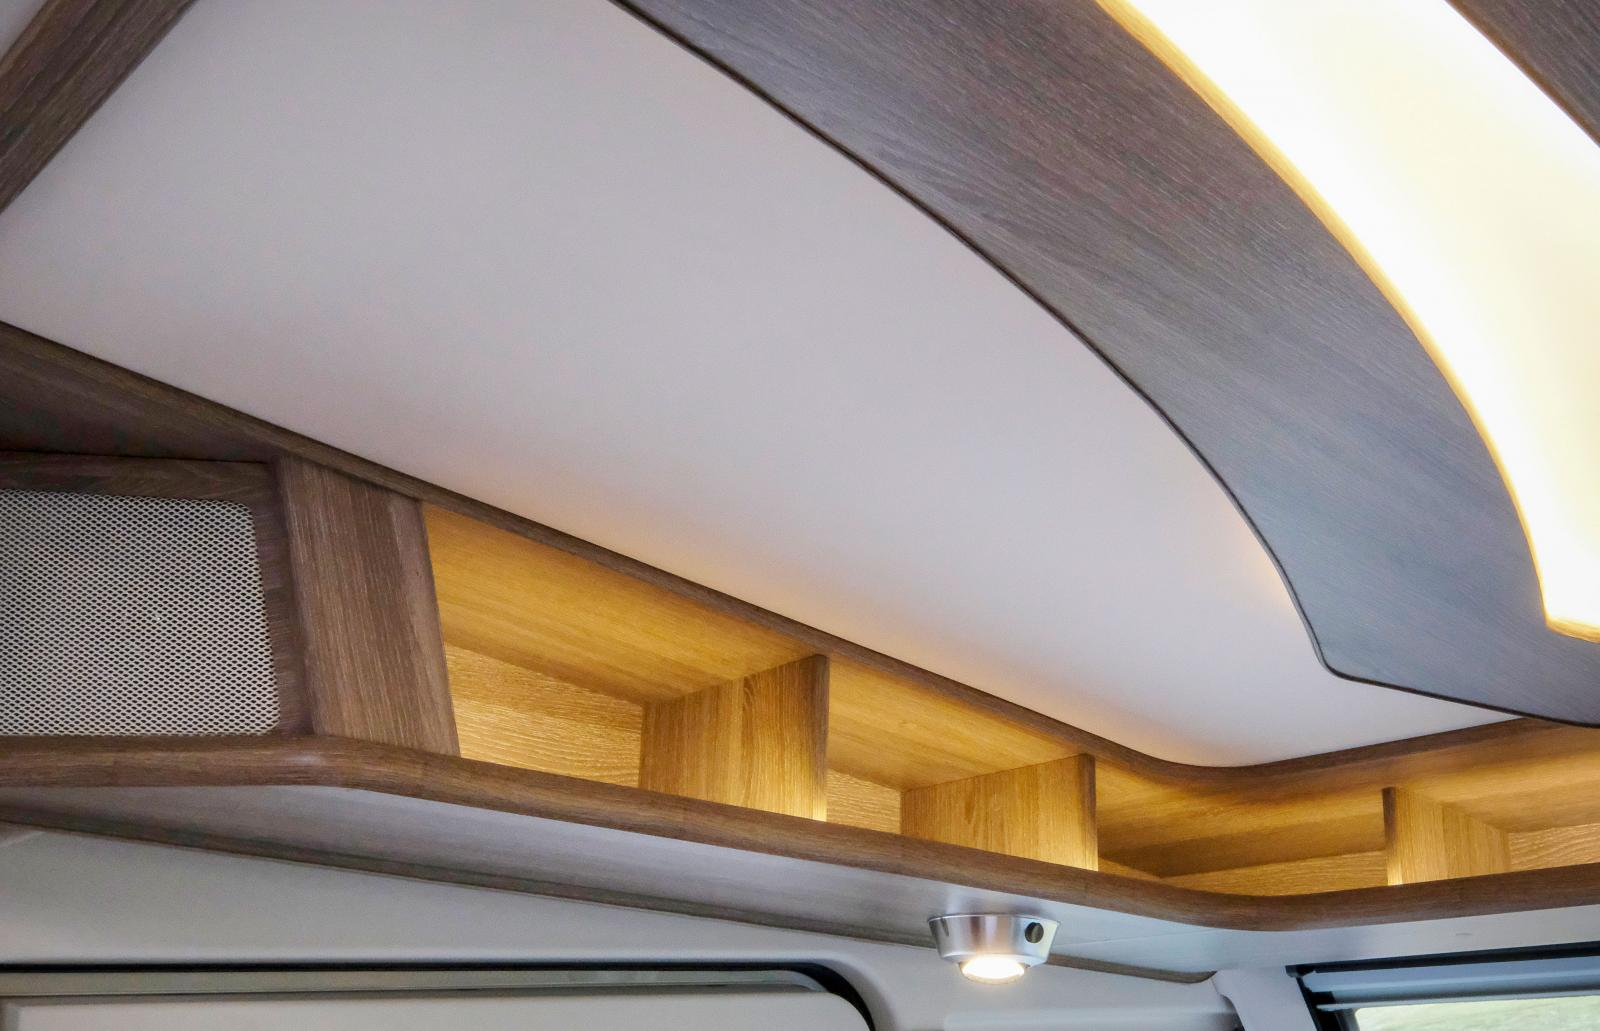 Sängen ovanför förarhytten har en undersida med en omfattande belysning samt öppna hyllor som tyvärr saknar sarg ytterst.